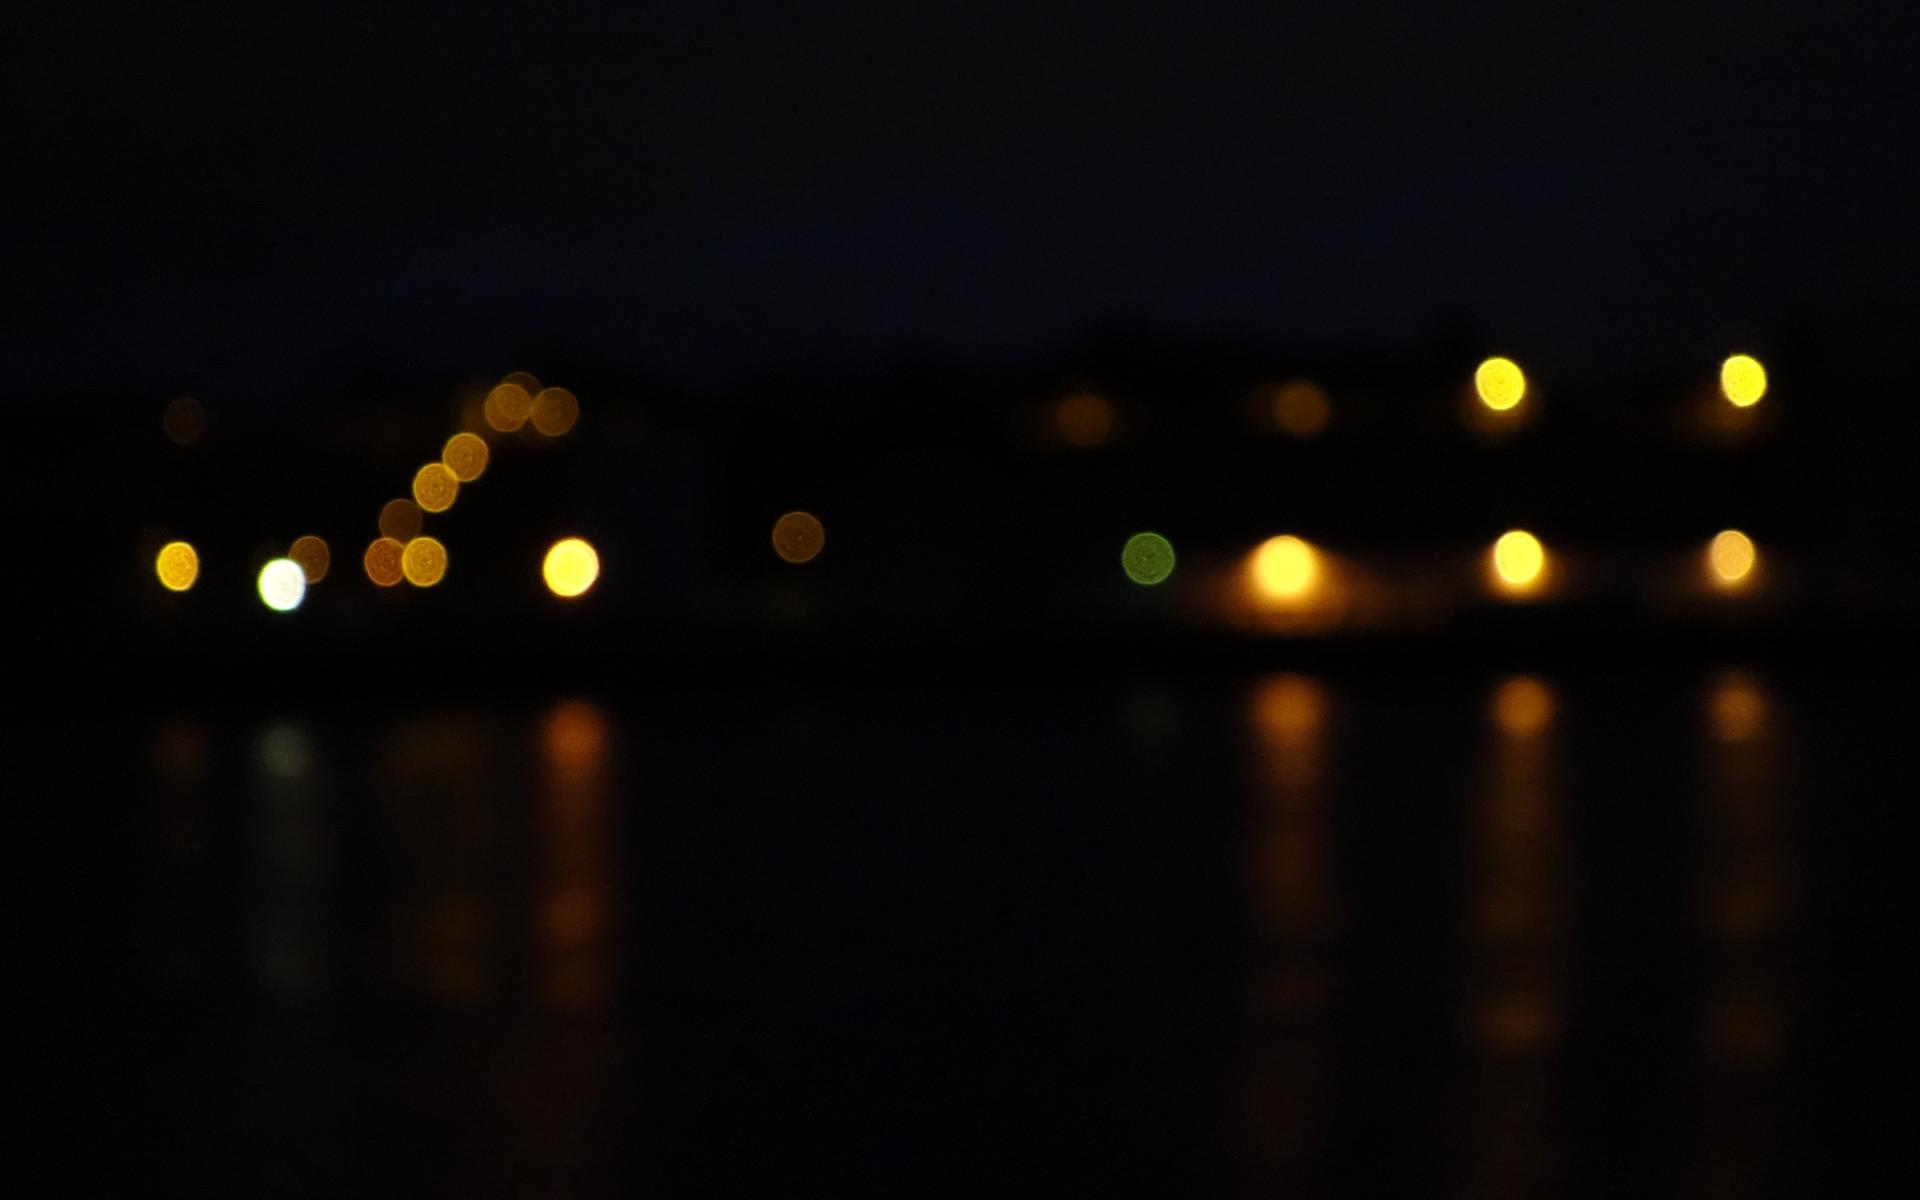 Série de focus lumineux et leurs reflets